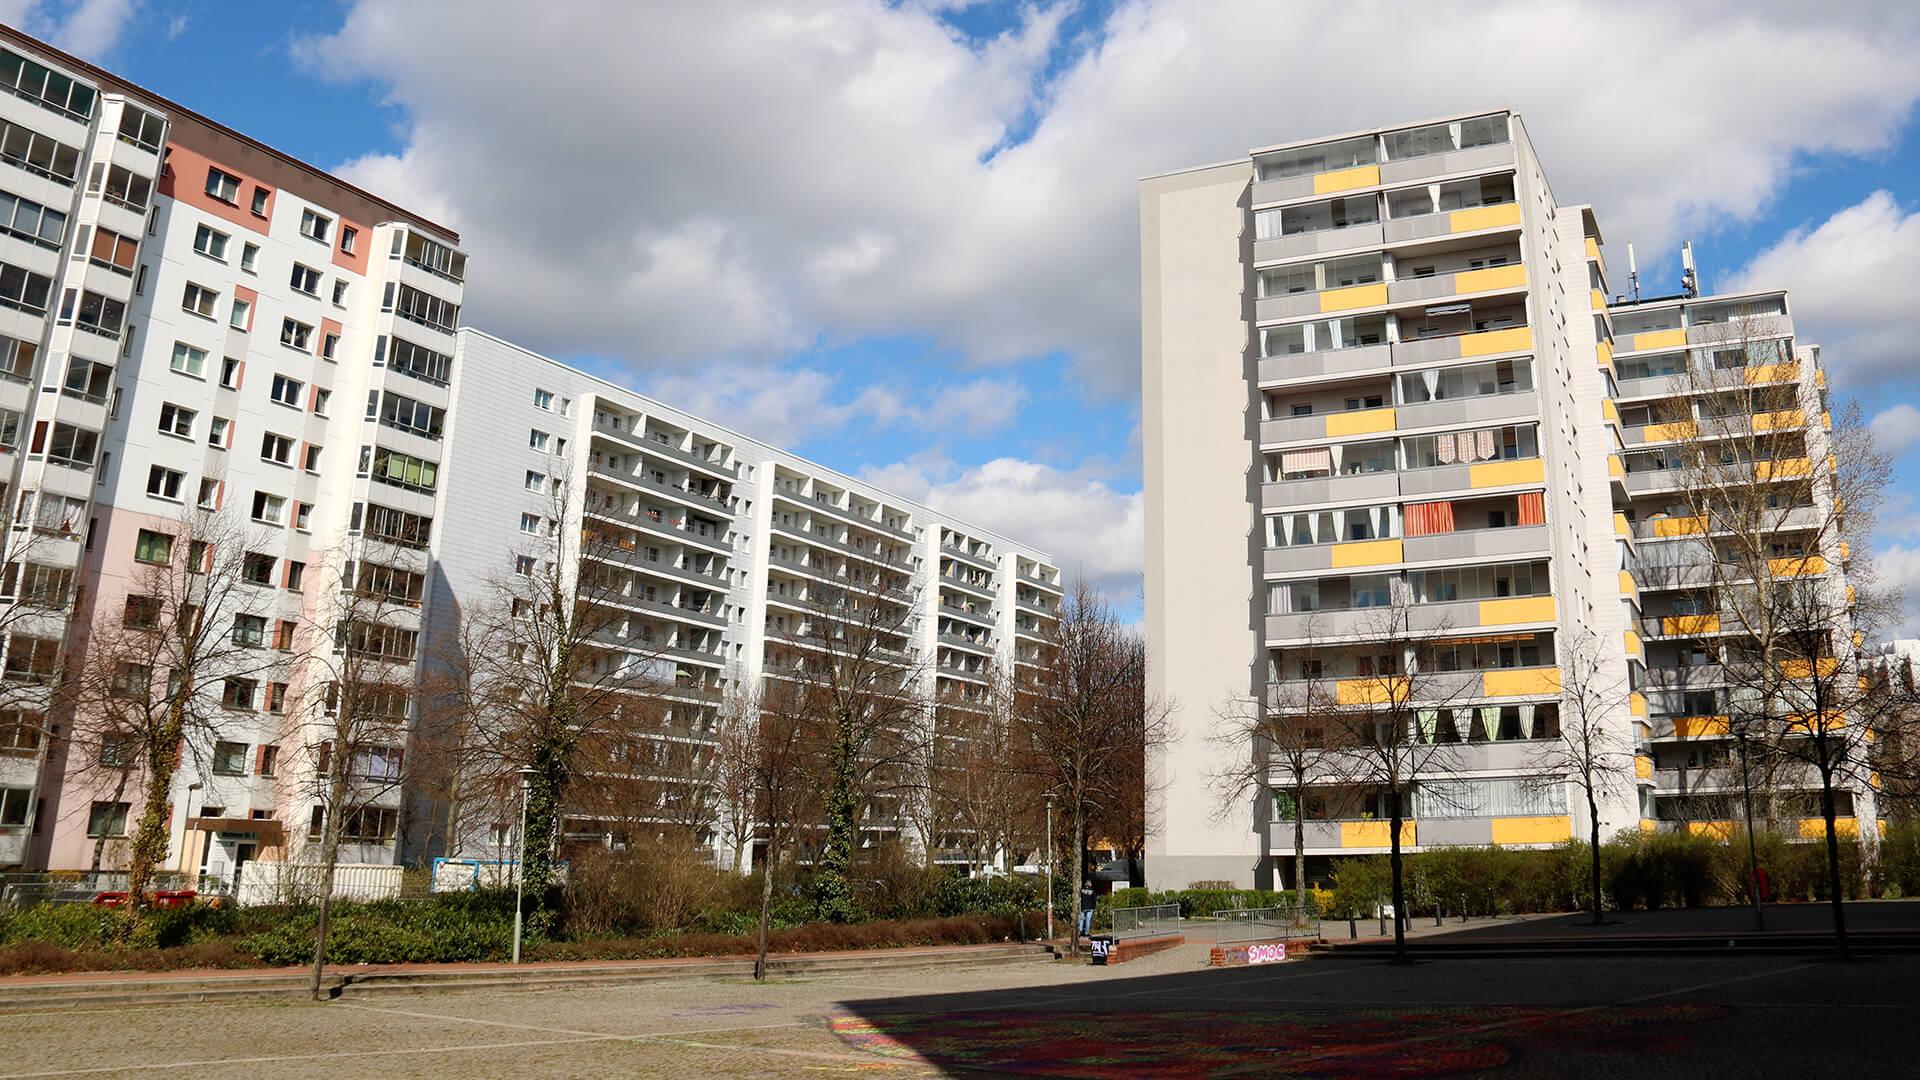 stadtplatz_slide1